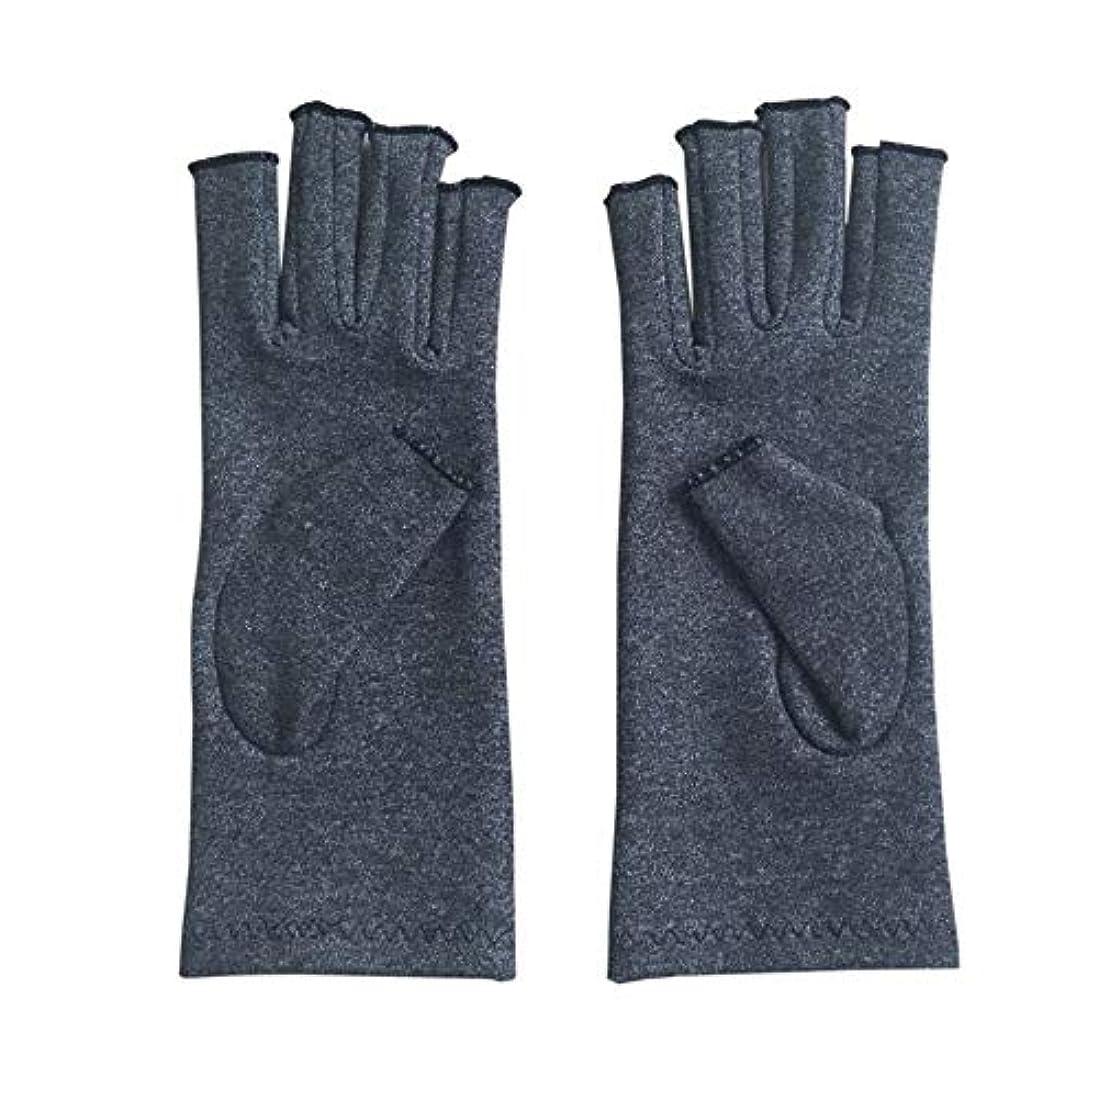 退屈させるプラグペインペア/セット快適な男性女性療法圧縮手袋無地通気性関節炎関節痛緩和手袋(Color:gray)(Size:M)